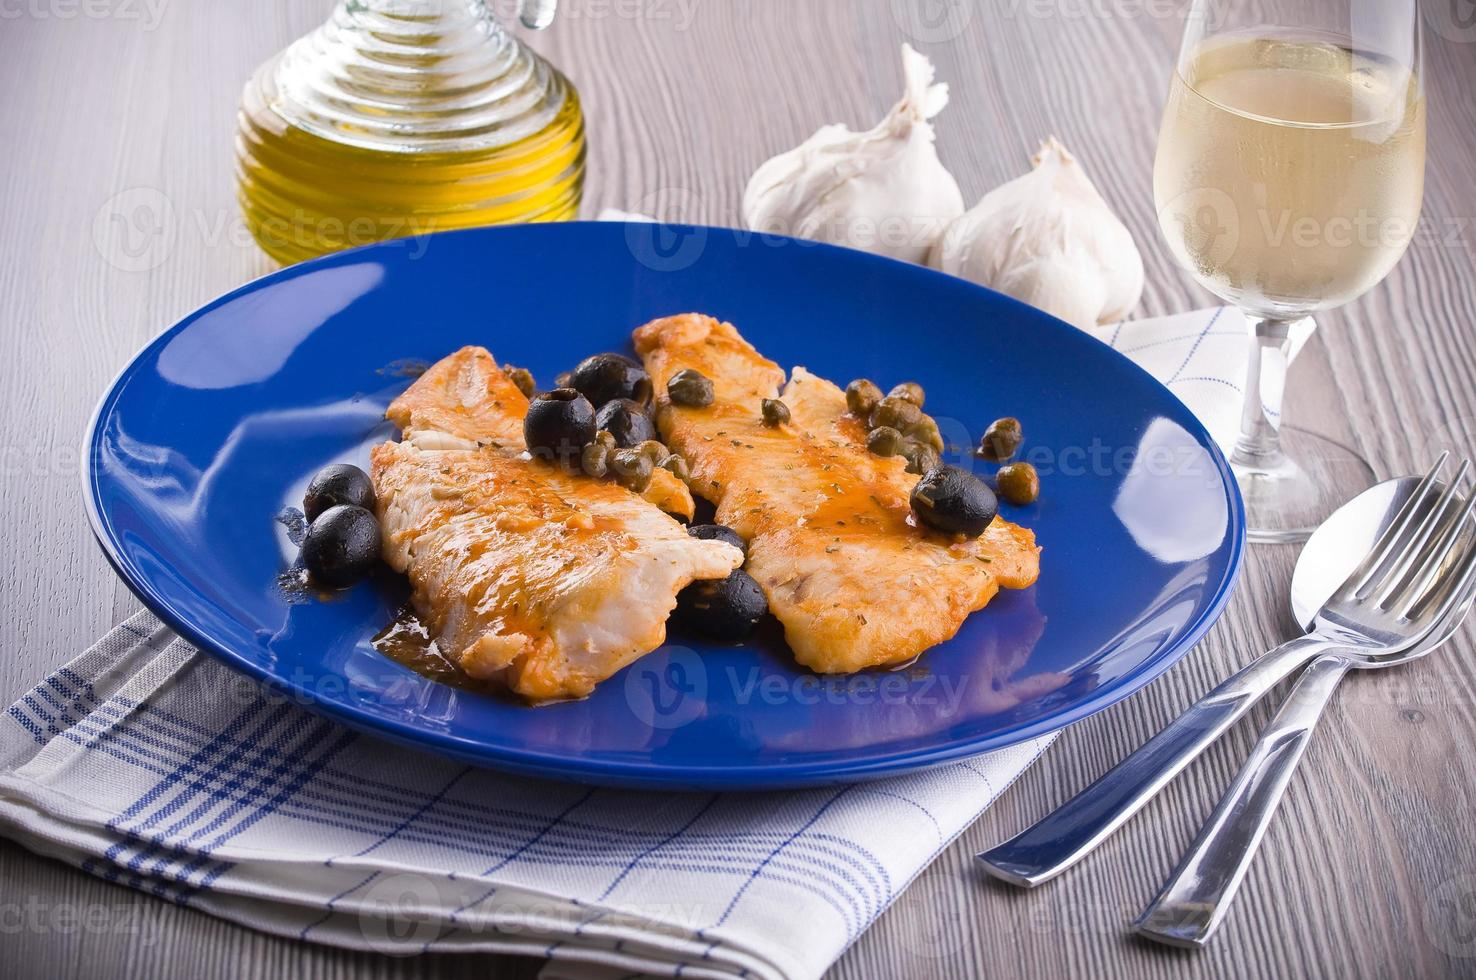 filetto di pesce con olive nere e capperi. foto